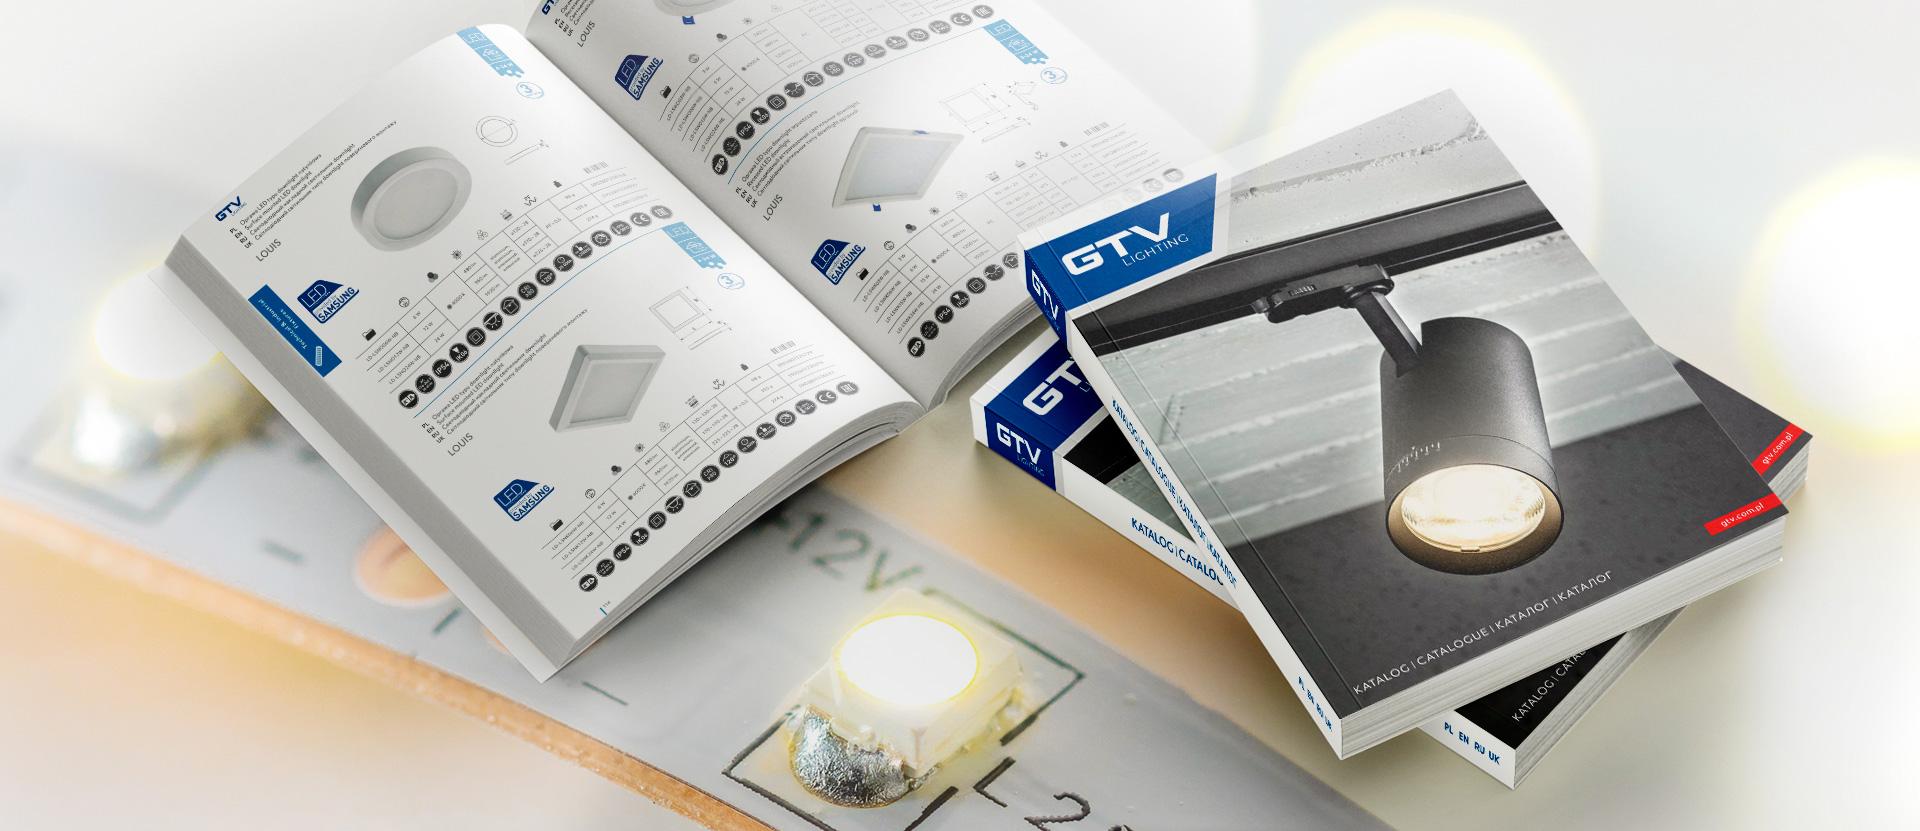 Baner www nowy katalog osw